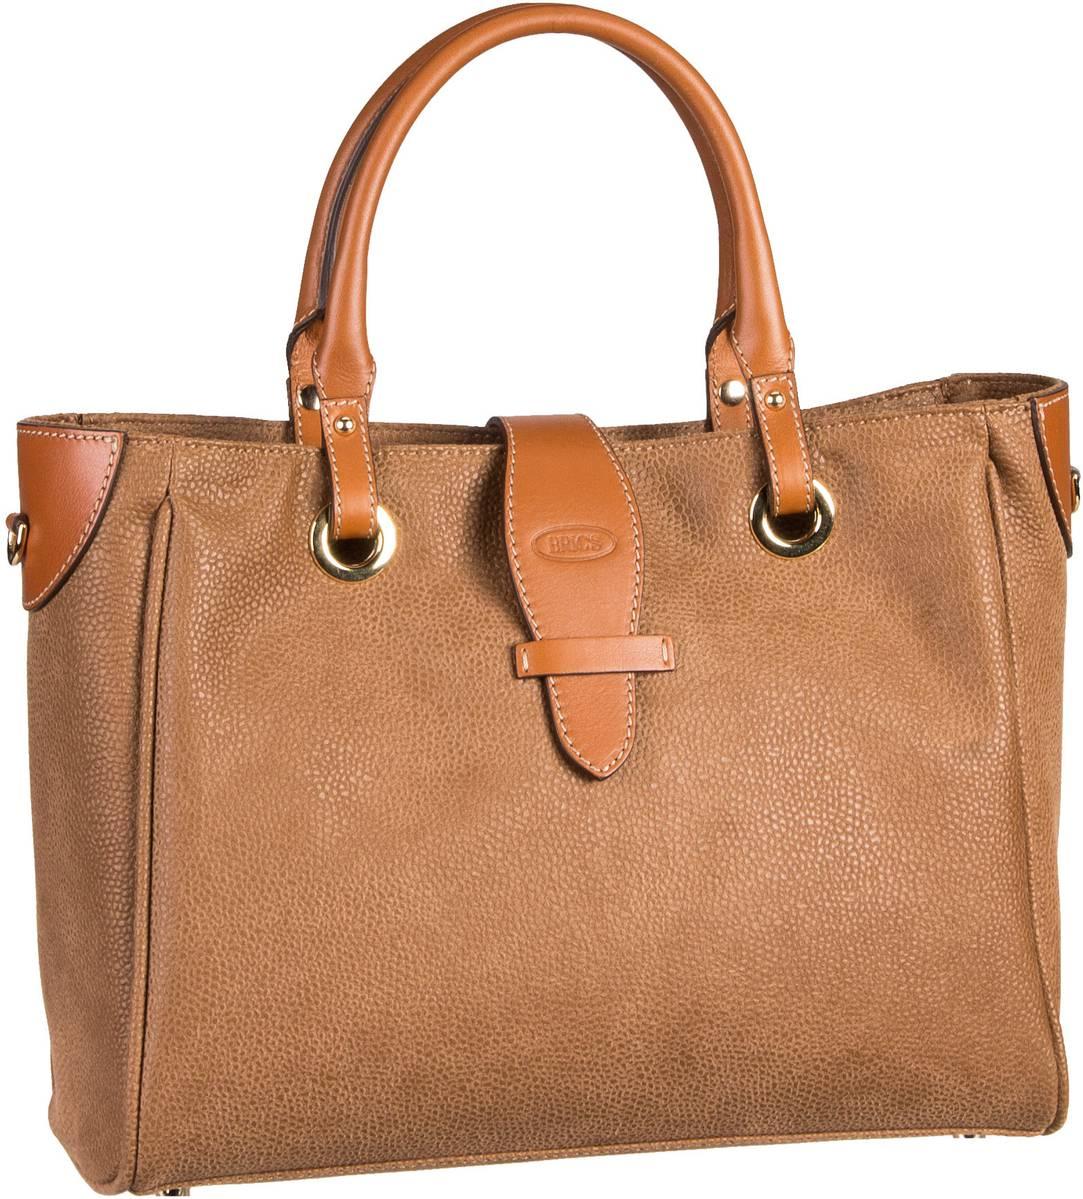 Handtasche Life Damentasche 3652 Camel Bric's KMiwg